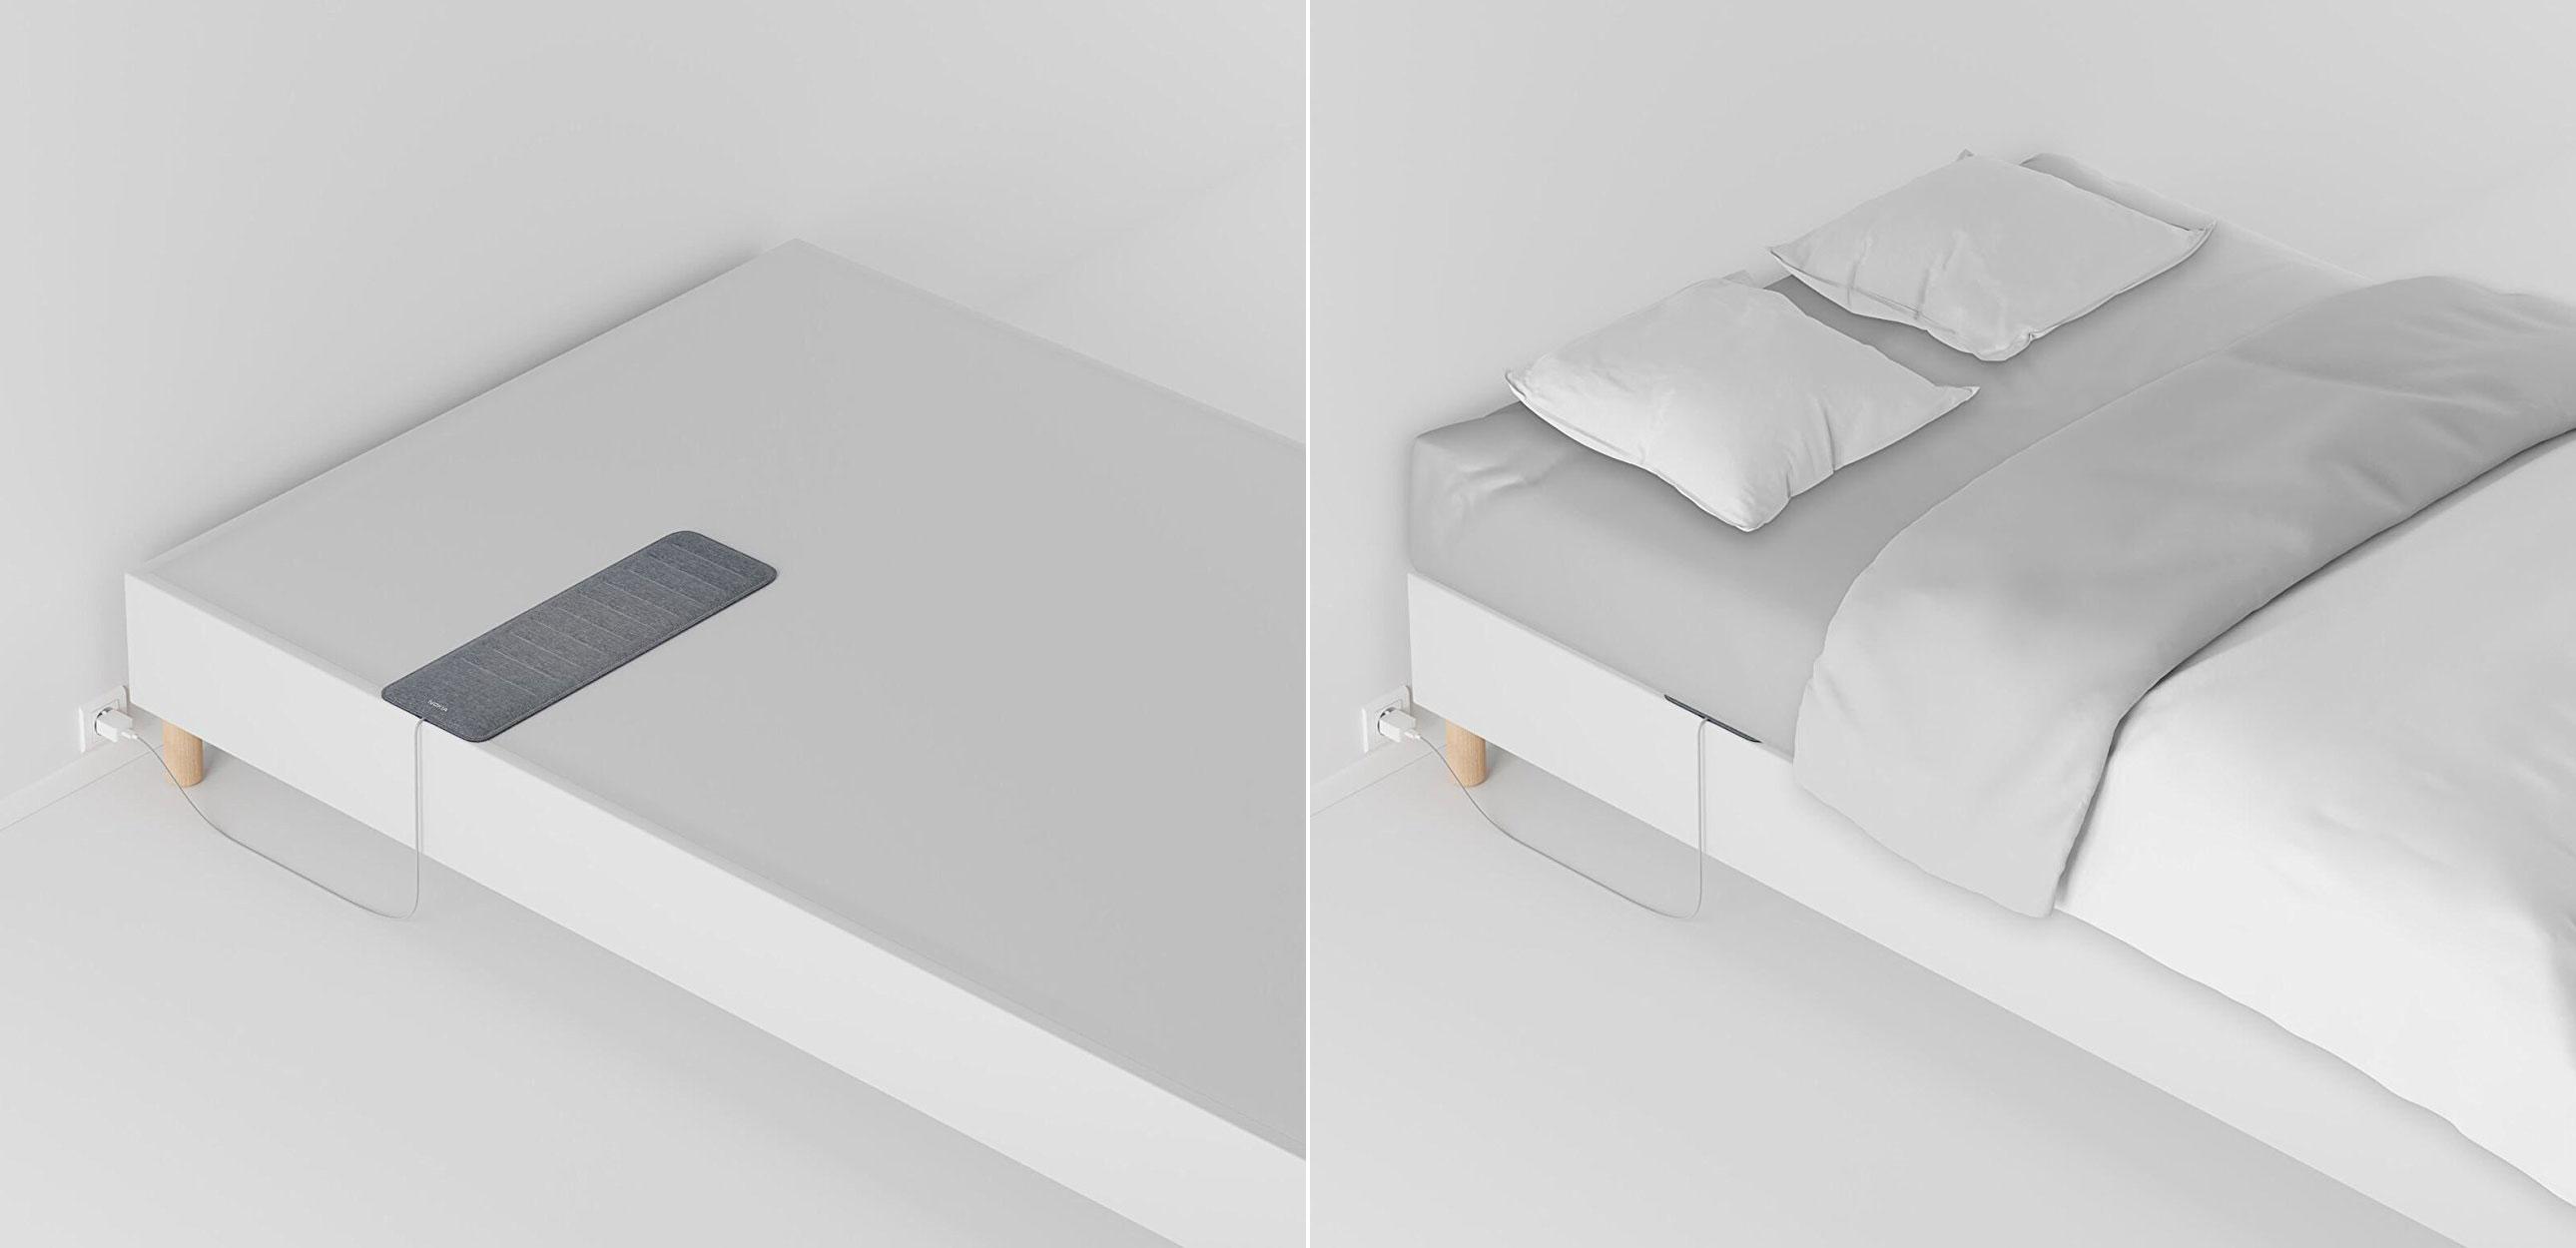 Sleep monitora il sonno ed aiuta a dormire meglio